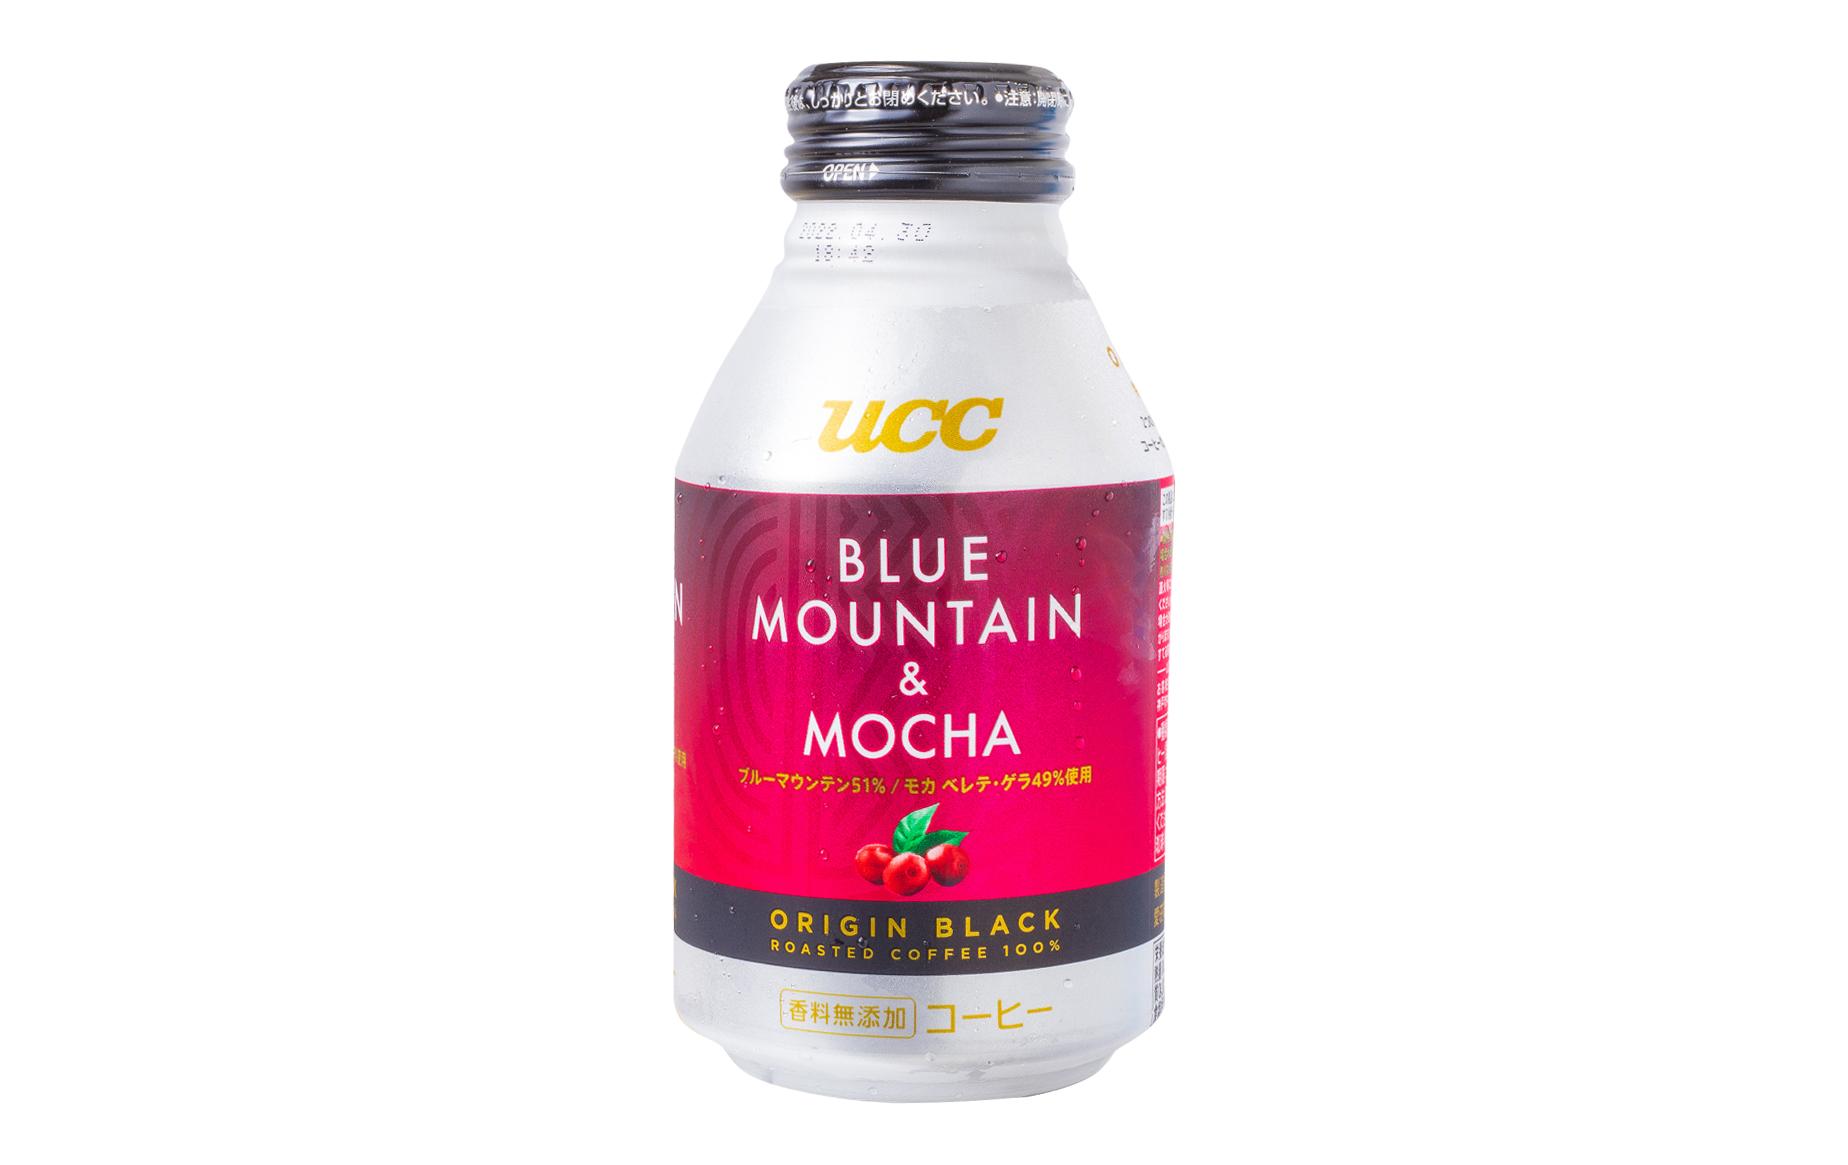 UCC『ORIGIN BLACK ブルーマウンテン & モカ』